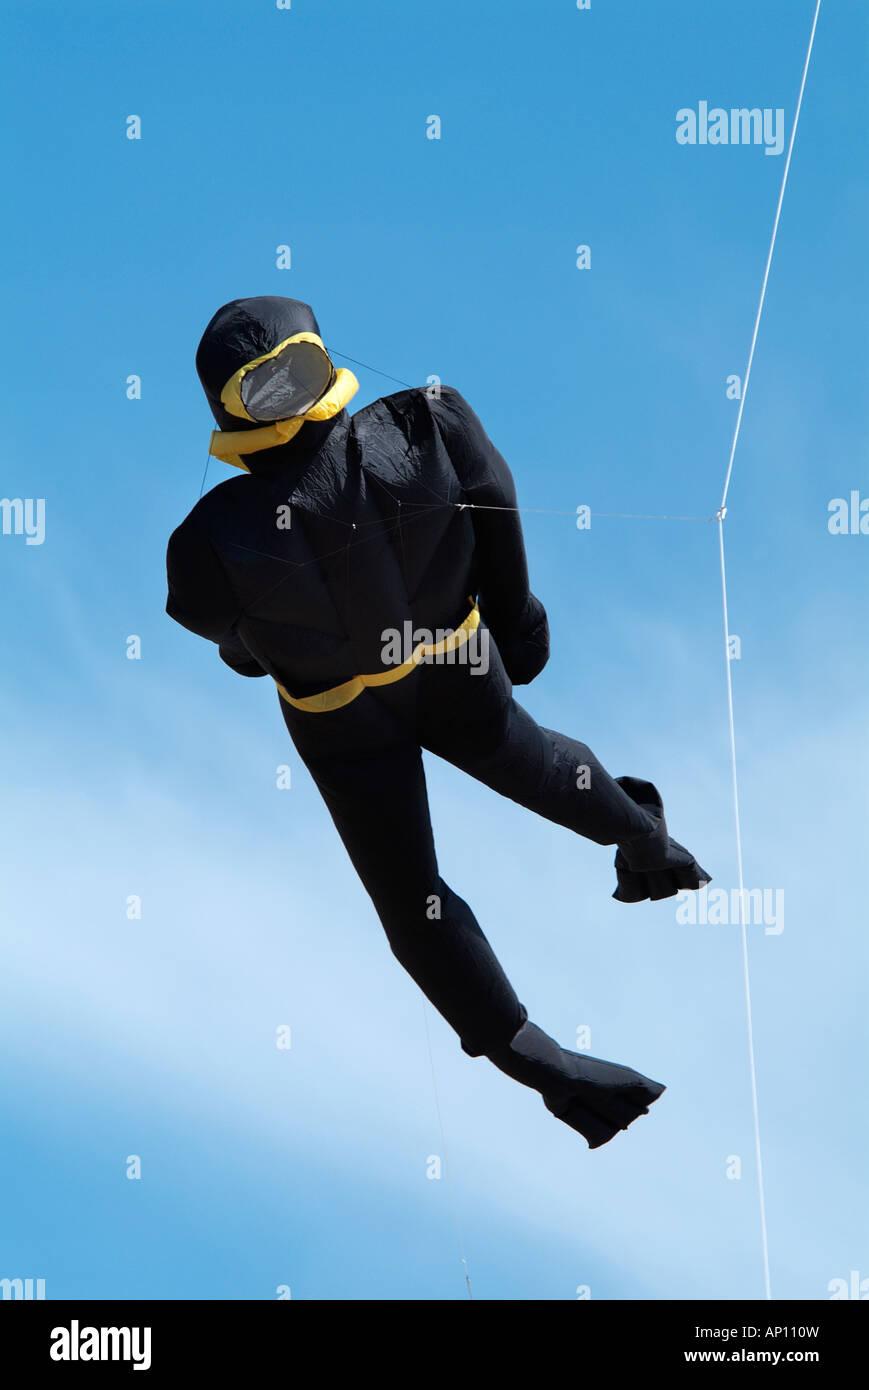 Scuba diver kite